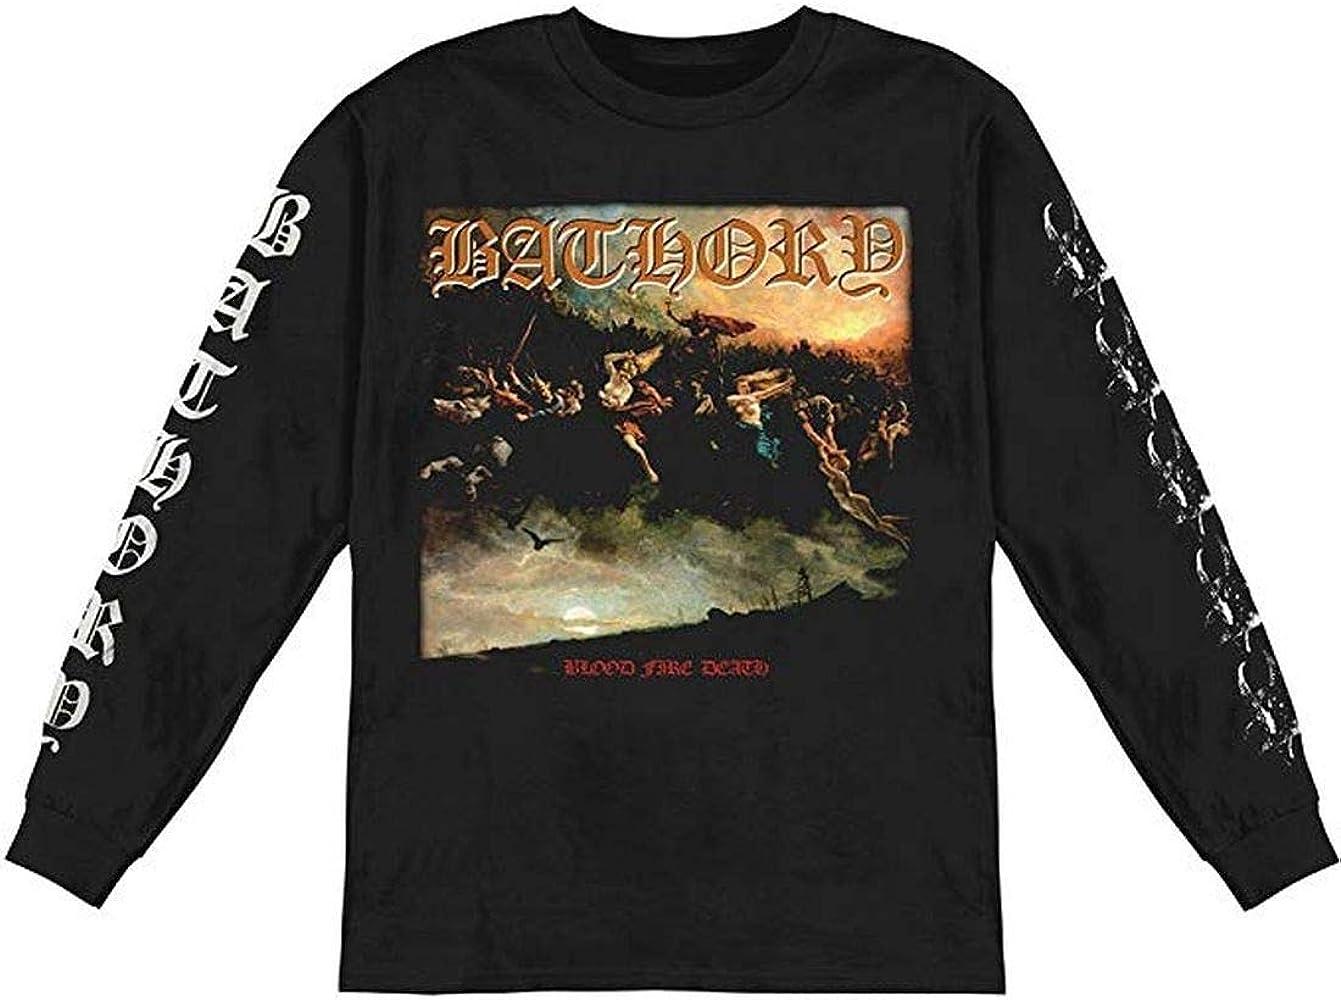 ill Rock Merch - Camiseta - Hombre de color Negro de talla Small - Ill Rock Merch Bathory - Blood Fire Death Long Sleeve (Camiseta) (Small) - Nero: Amazon.es: Ropa y accesorios